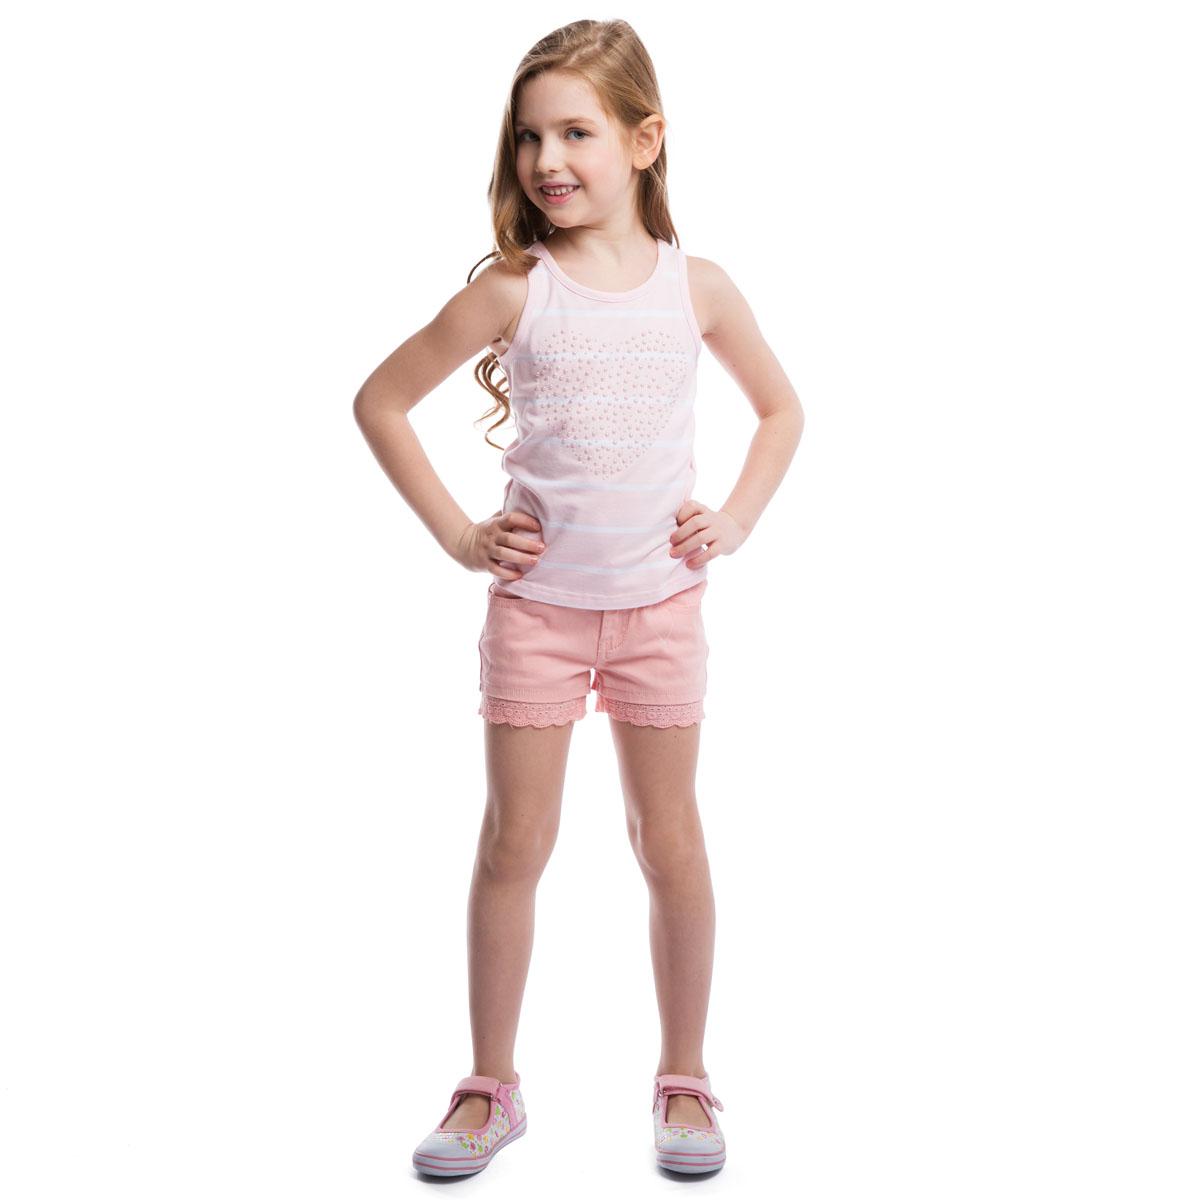 Шорты для девочки PlayToday, цвет: светло-розовый. 262006. Размер 98, 3 года262006Модные шорты для девочки PlayToday идеально подойдут вашей маленькой принцессе. Изготовленные из эластичного хлопка, они мягкие и приятные на ощупь, не сковывают движения и позволяют коже дышать. Шорты застегиваются на поясе на металлическую кнопку и имеют ширинку на застежке-молнии, а также шлевки для ремня. При необходимости пояс можно утянуть скрытой резинкой на пуговках. У модели спереди два втачных кармана и сзади два накладных кармана. Изделие декорировано кружевными вставками. В таких шортах ваша принцесса будет чувствовать себя комфортно и всегда будет в центре внимания!